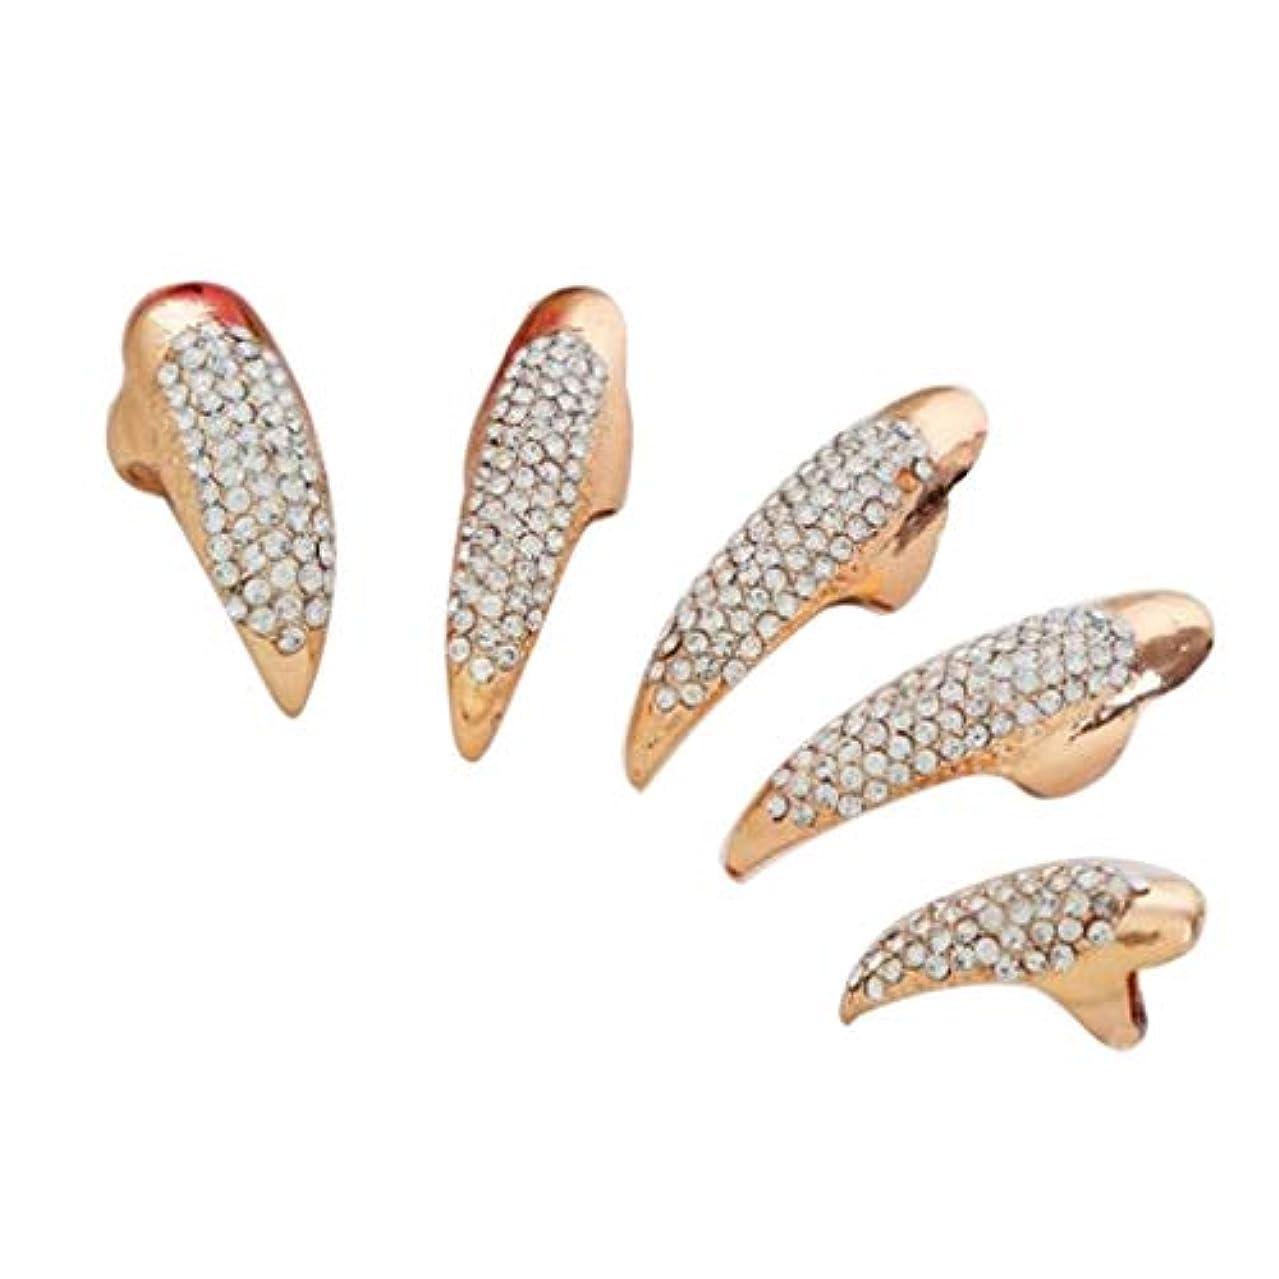 プレビュー追う舗装するSharplace 爪リング ネイルチップ ネイルアート 人工の爪 曲げ爪 コスプレ パーティー 2色選べ - ゴールデン